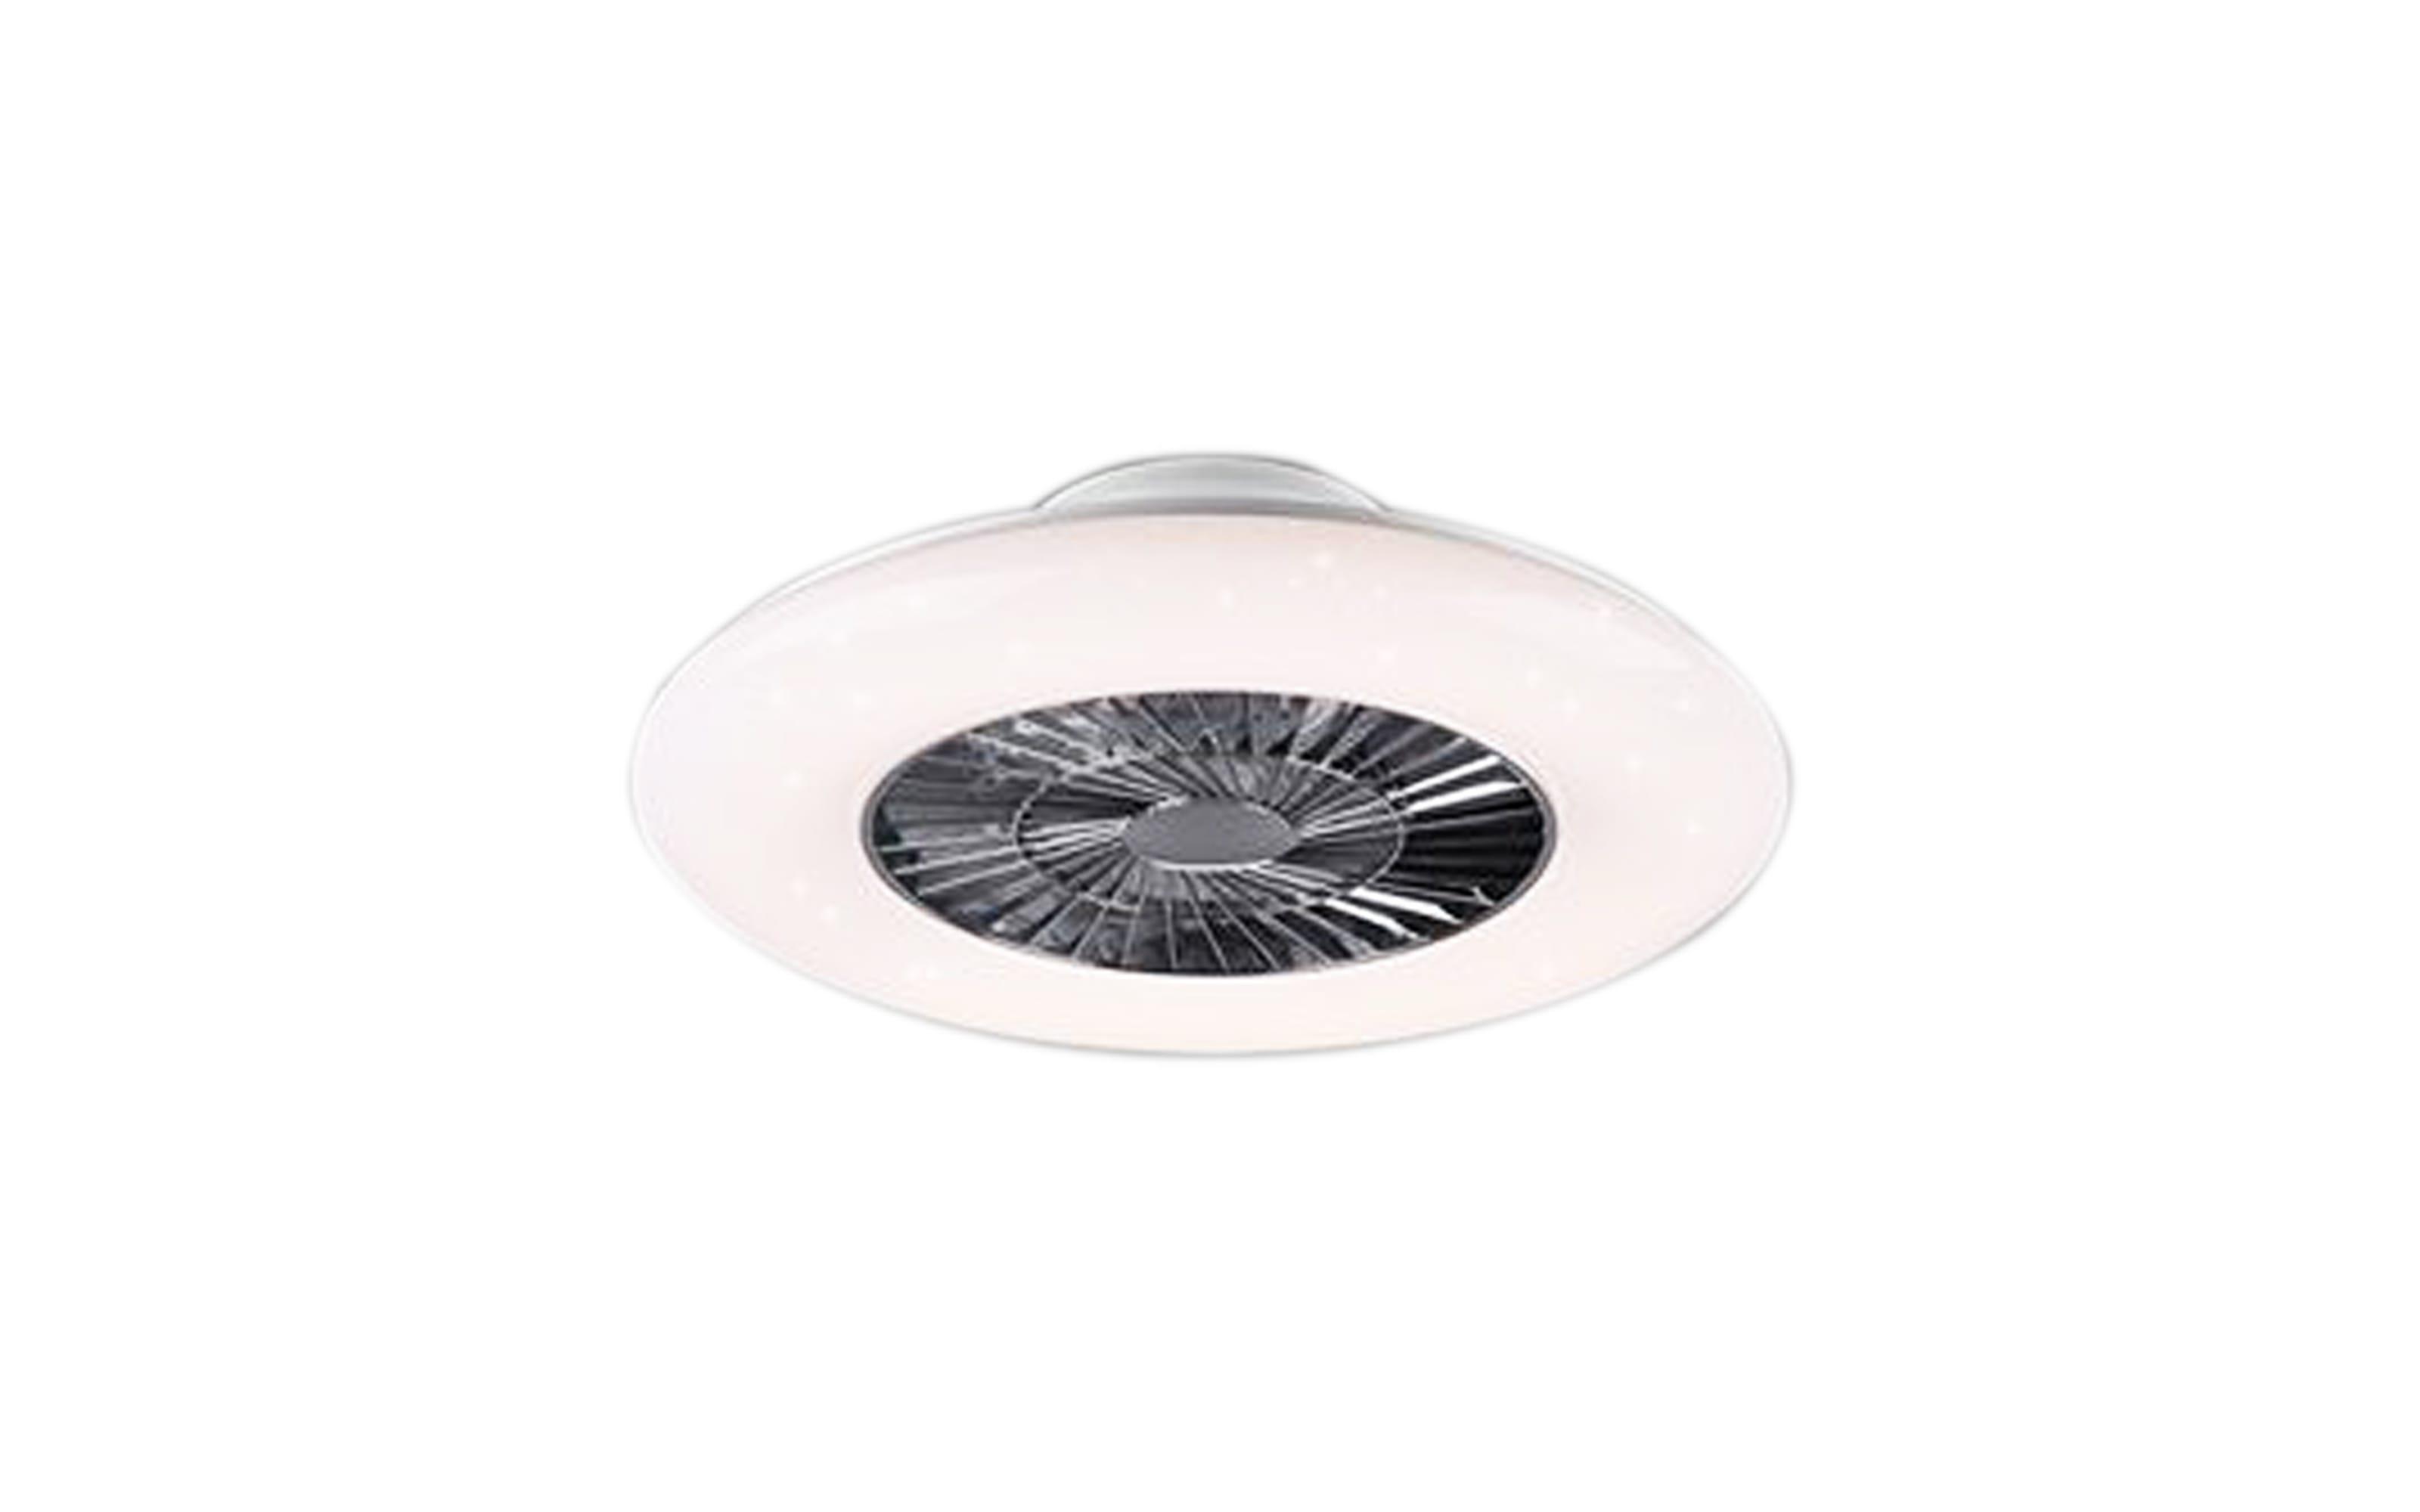 LED-Deckenleuchte/Ventilator Mekka CCT in weiß, 59,5 cm